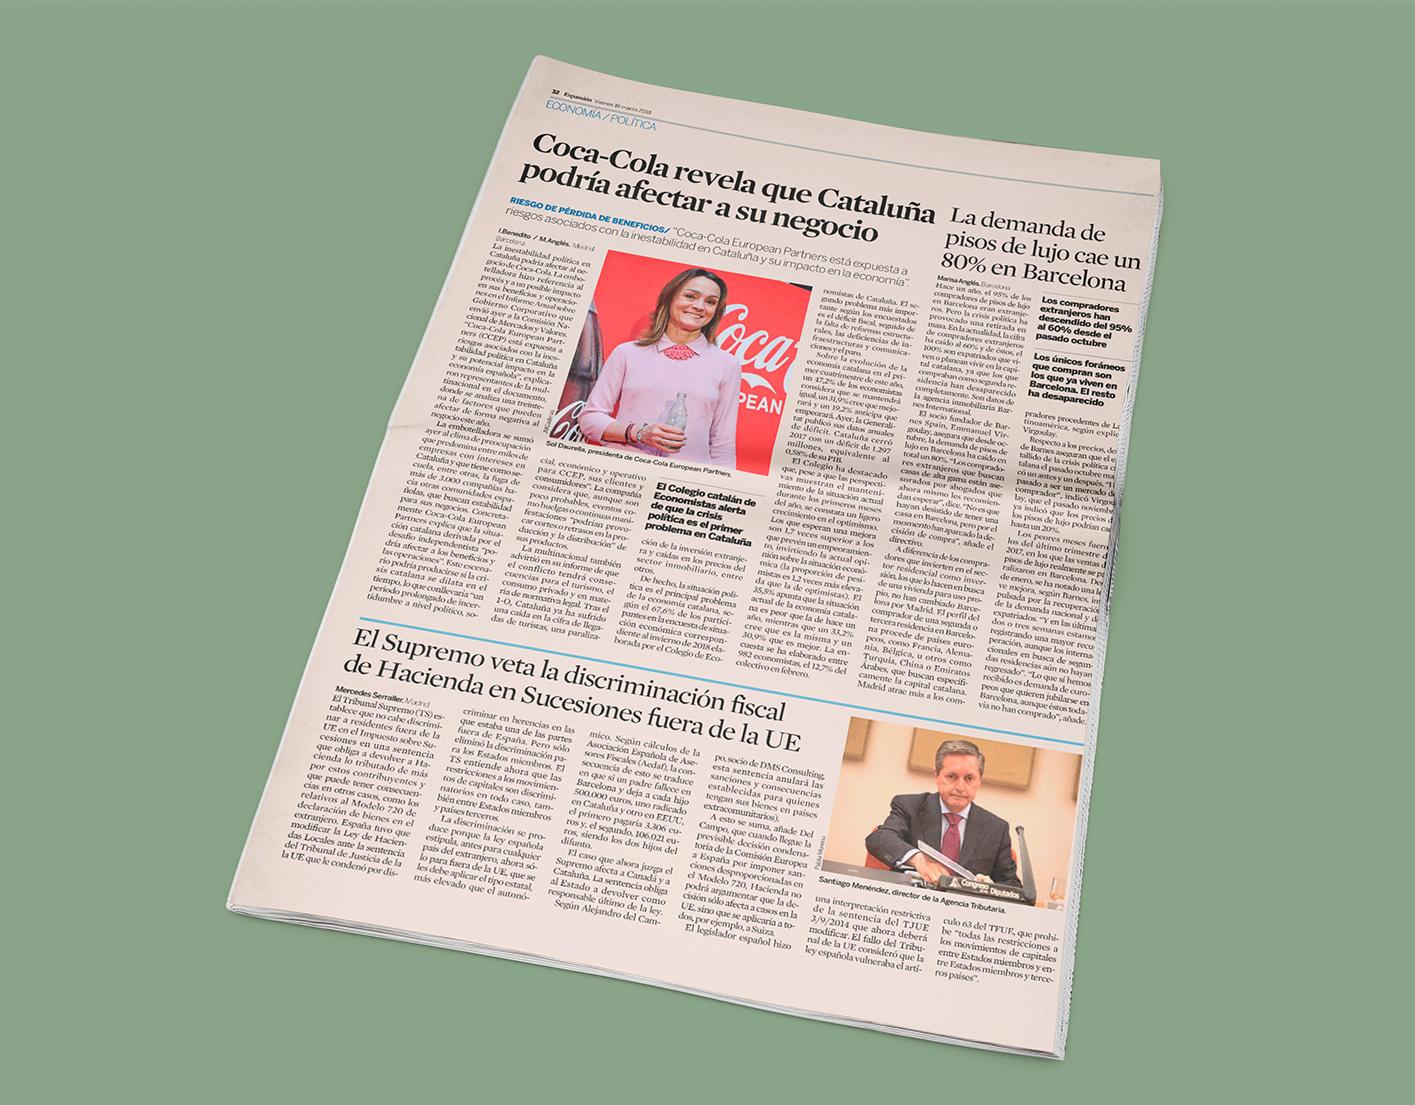 Expansión pregunta a Alejandro del Campo sobre el fallo del TS que veta la discriminación fiscal en Sucesiones fuera de la UE